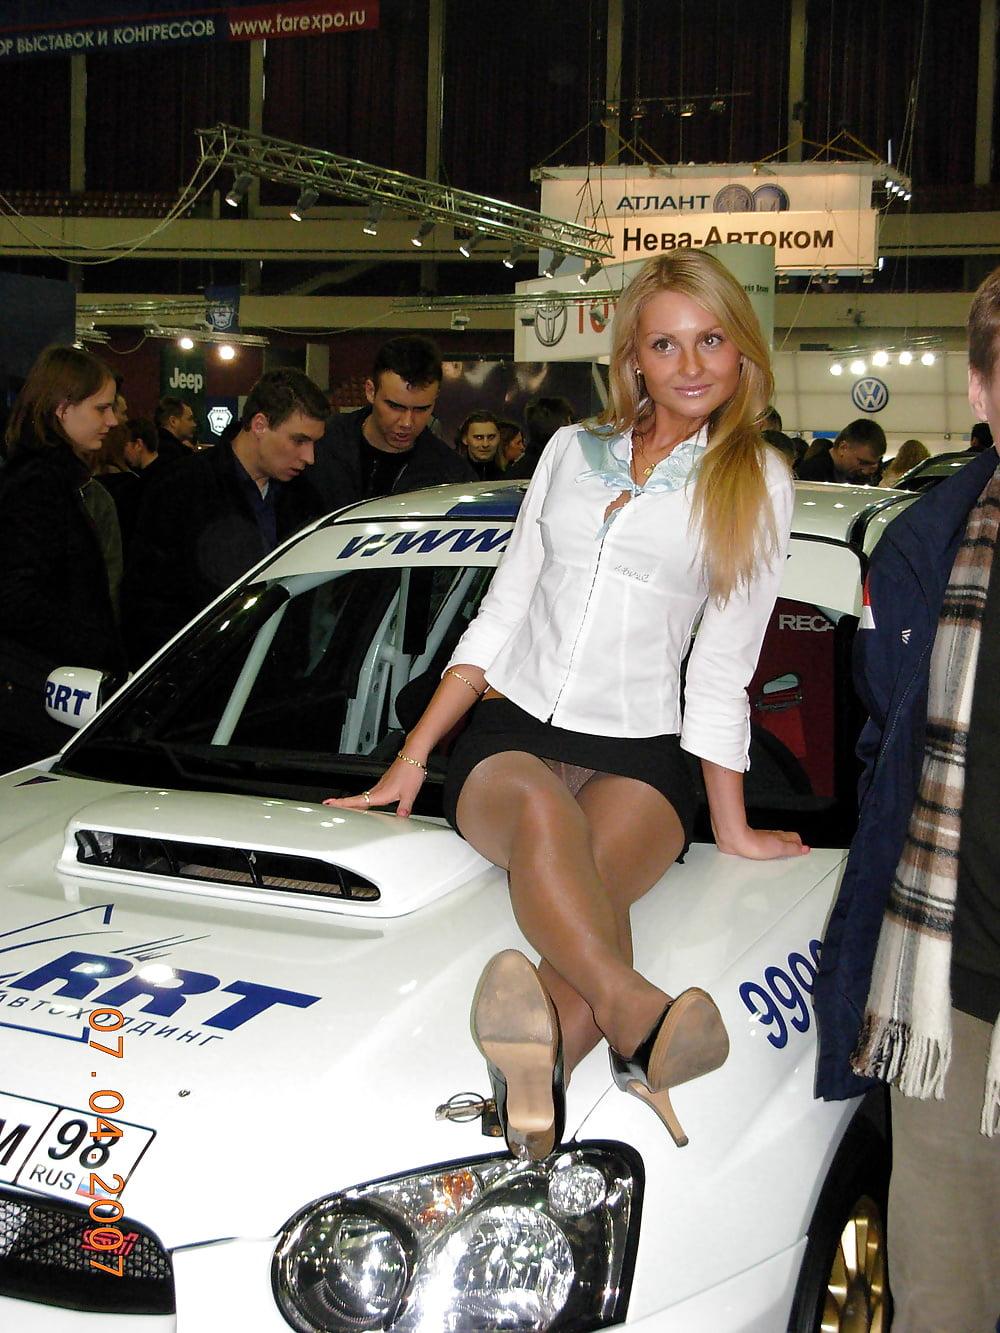 она видео девушки на автовыставке без трусов секс является неотъемлемой